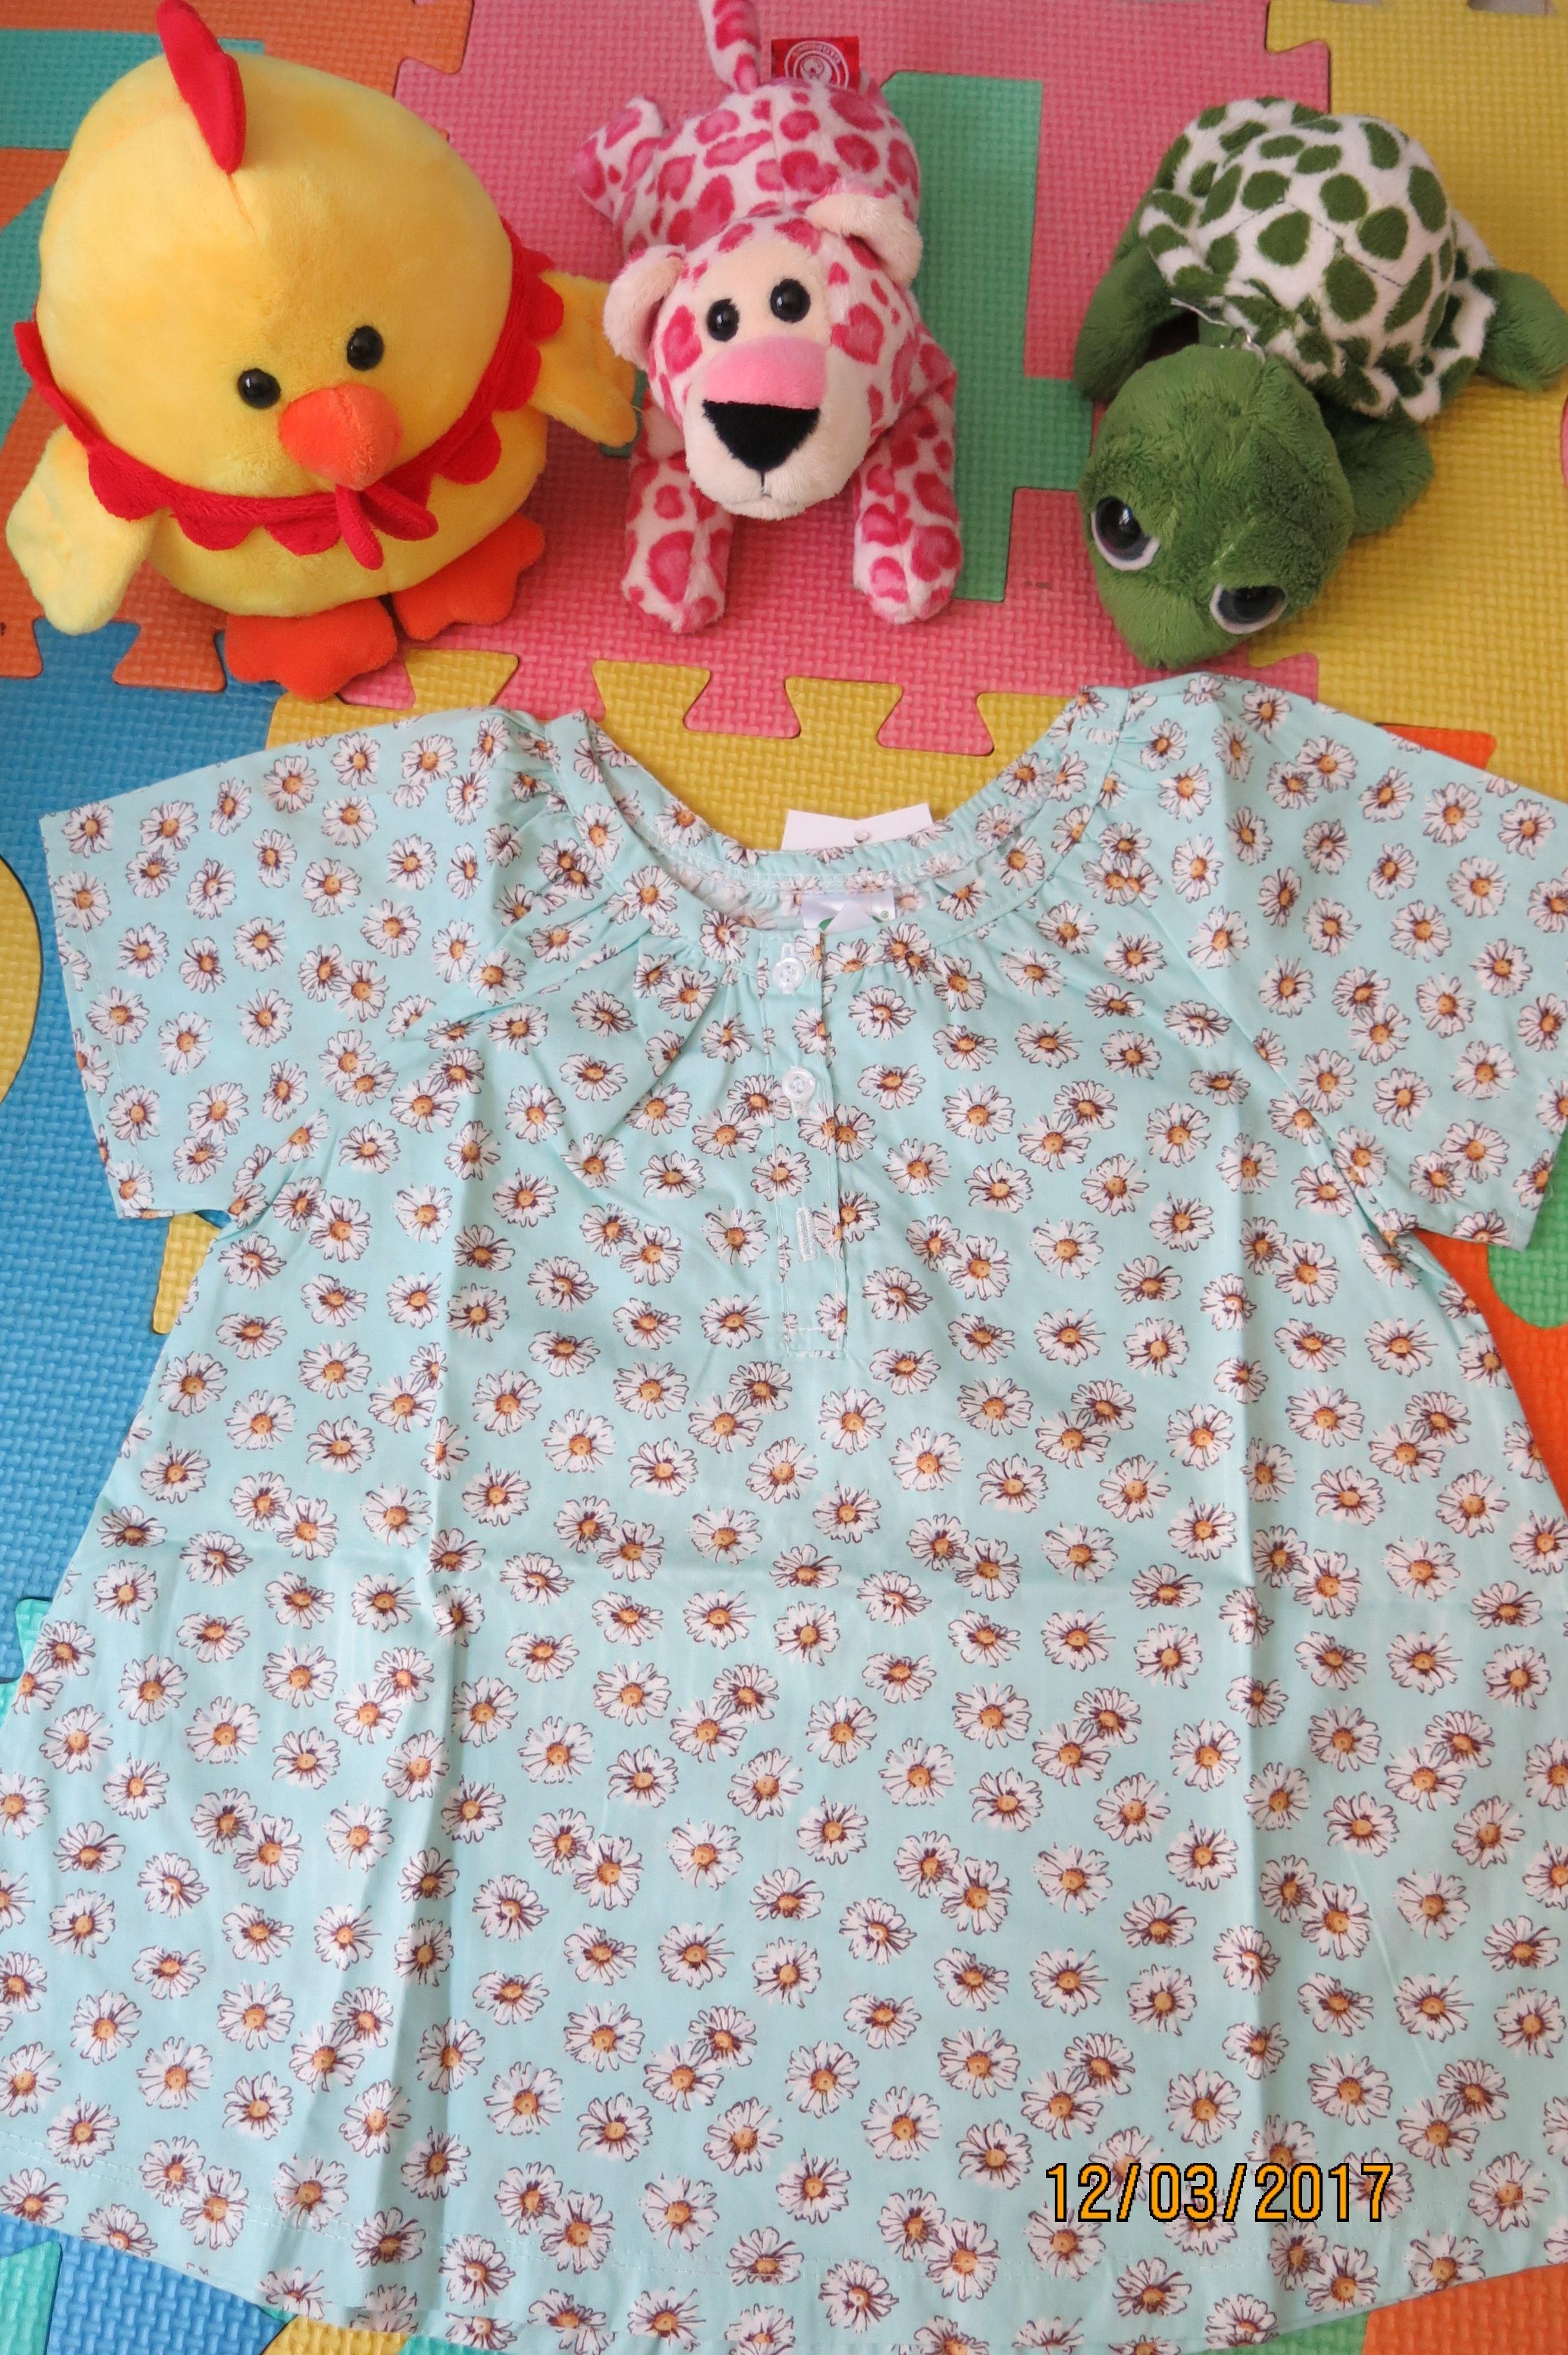 เสื้อเด็ก D4 (3-4 ขวบ) ลายดอกไม้สีเขียว